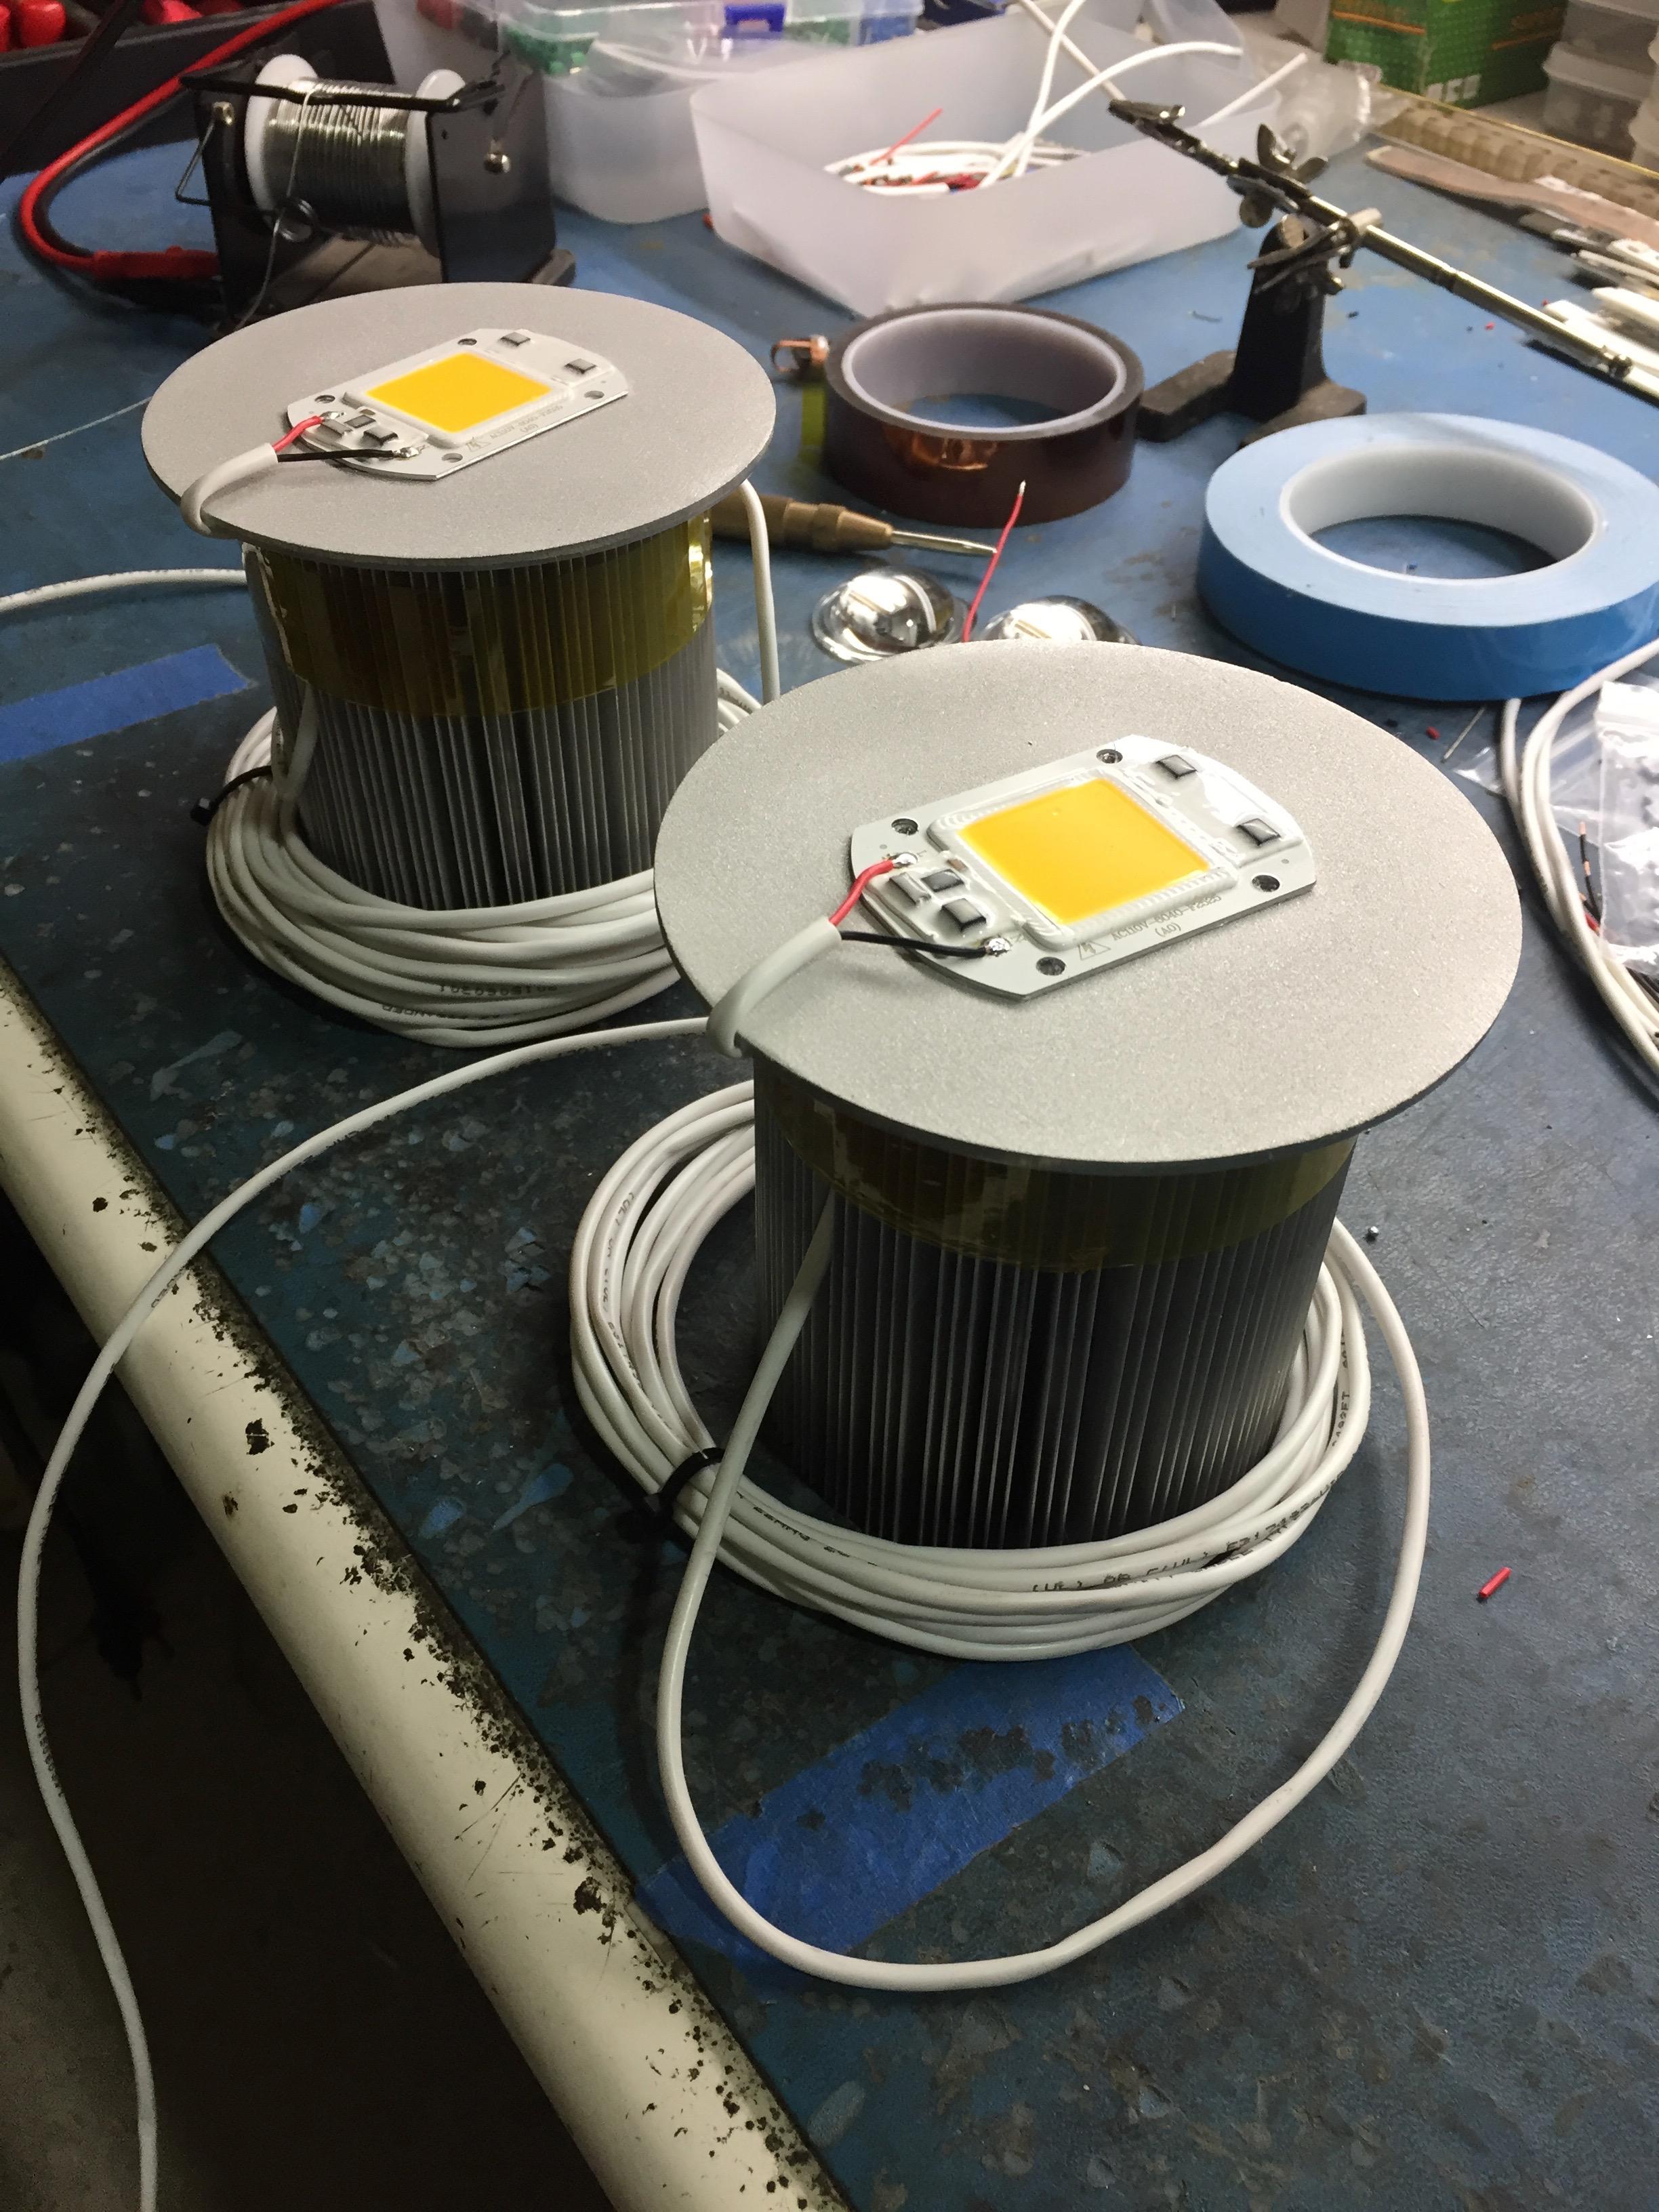 High power LED beacons designed for Burning Man 2017.